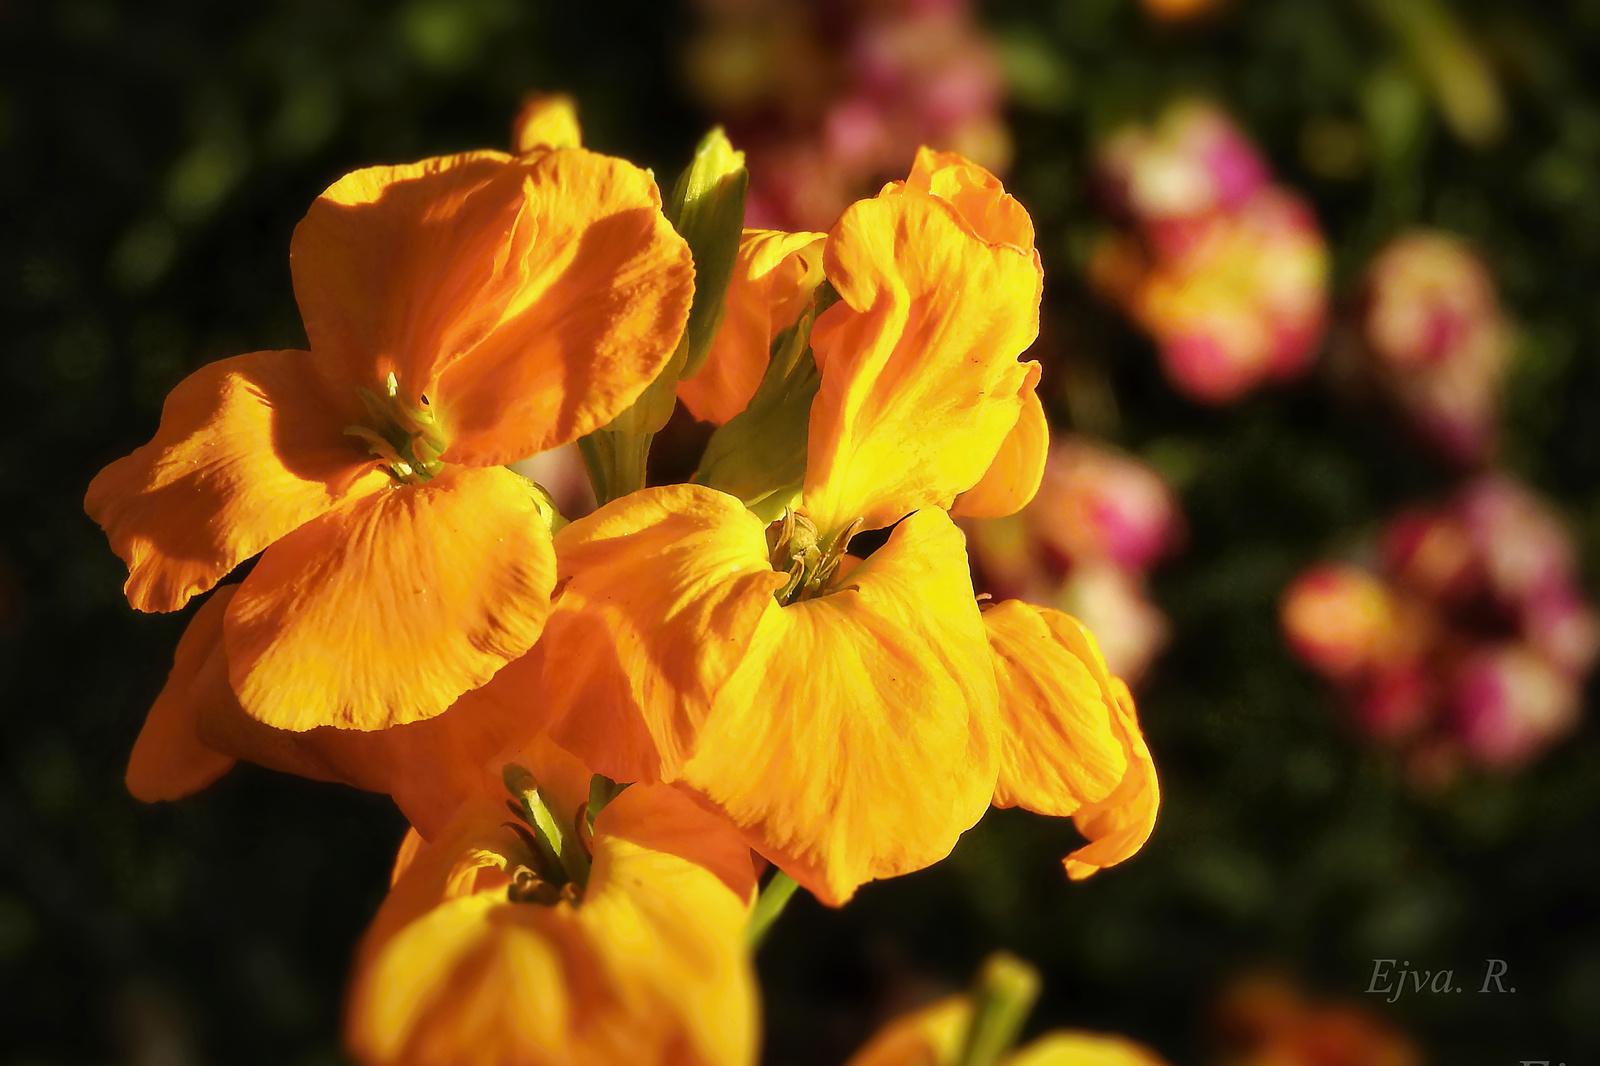 Viola (Cheiri)a lemenő nap fényében